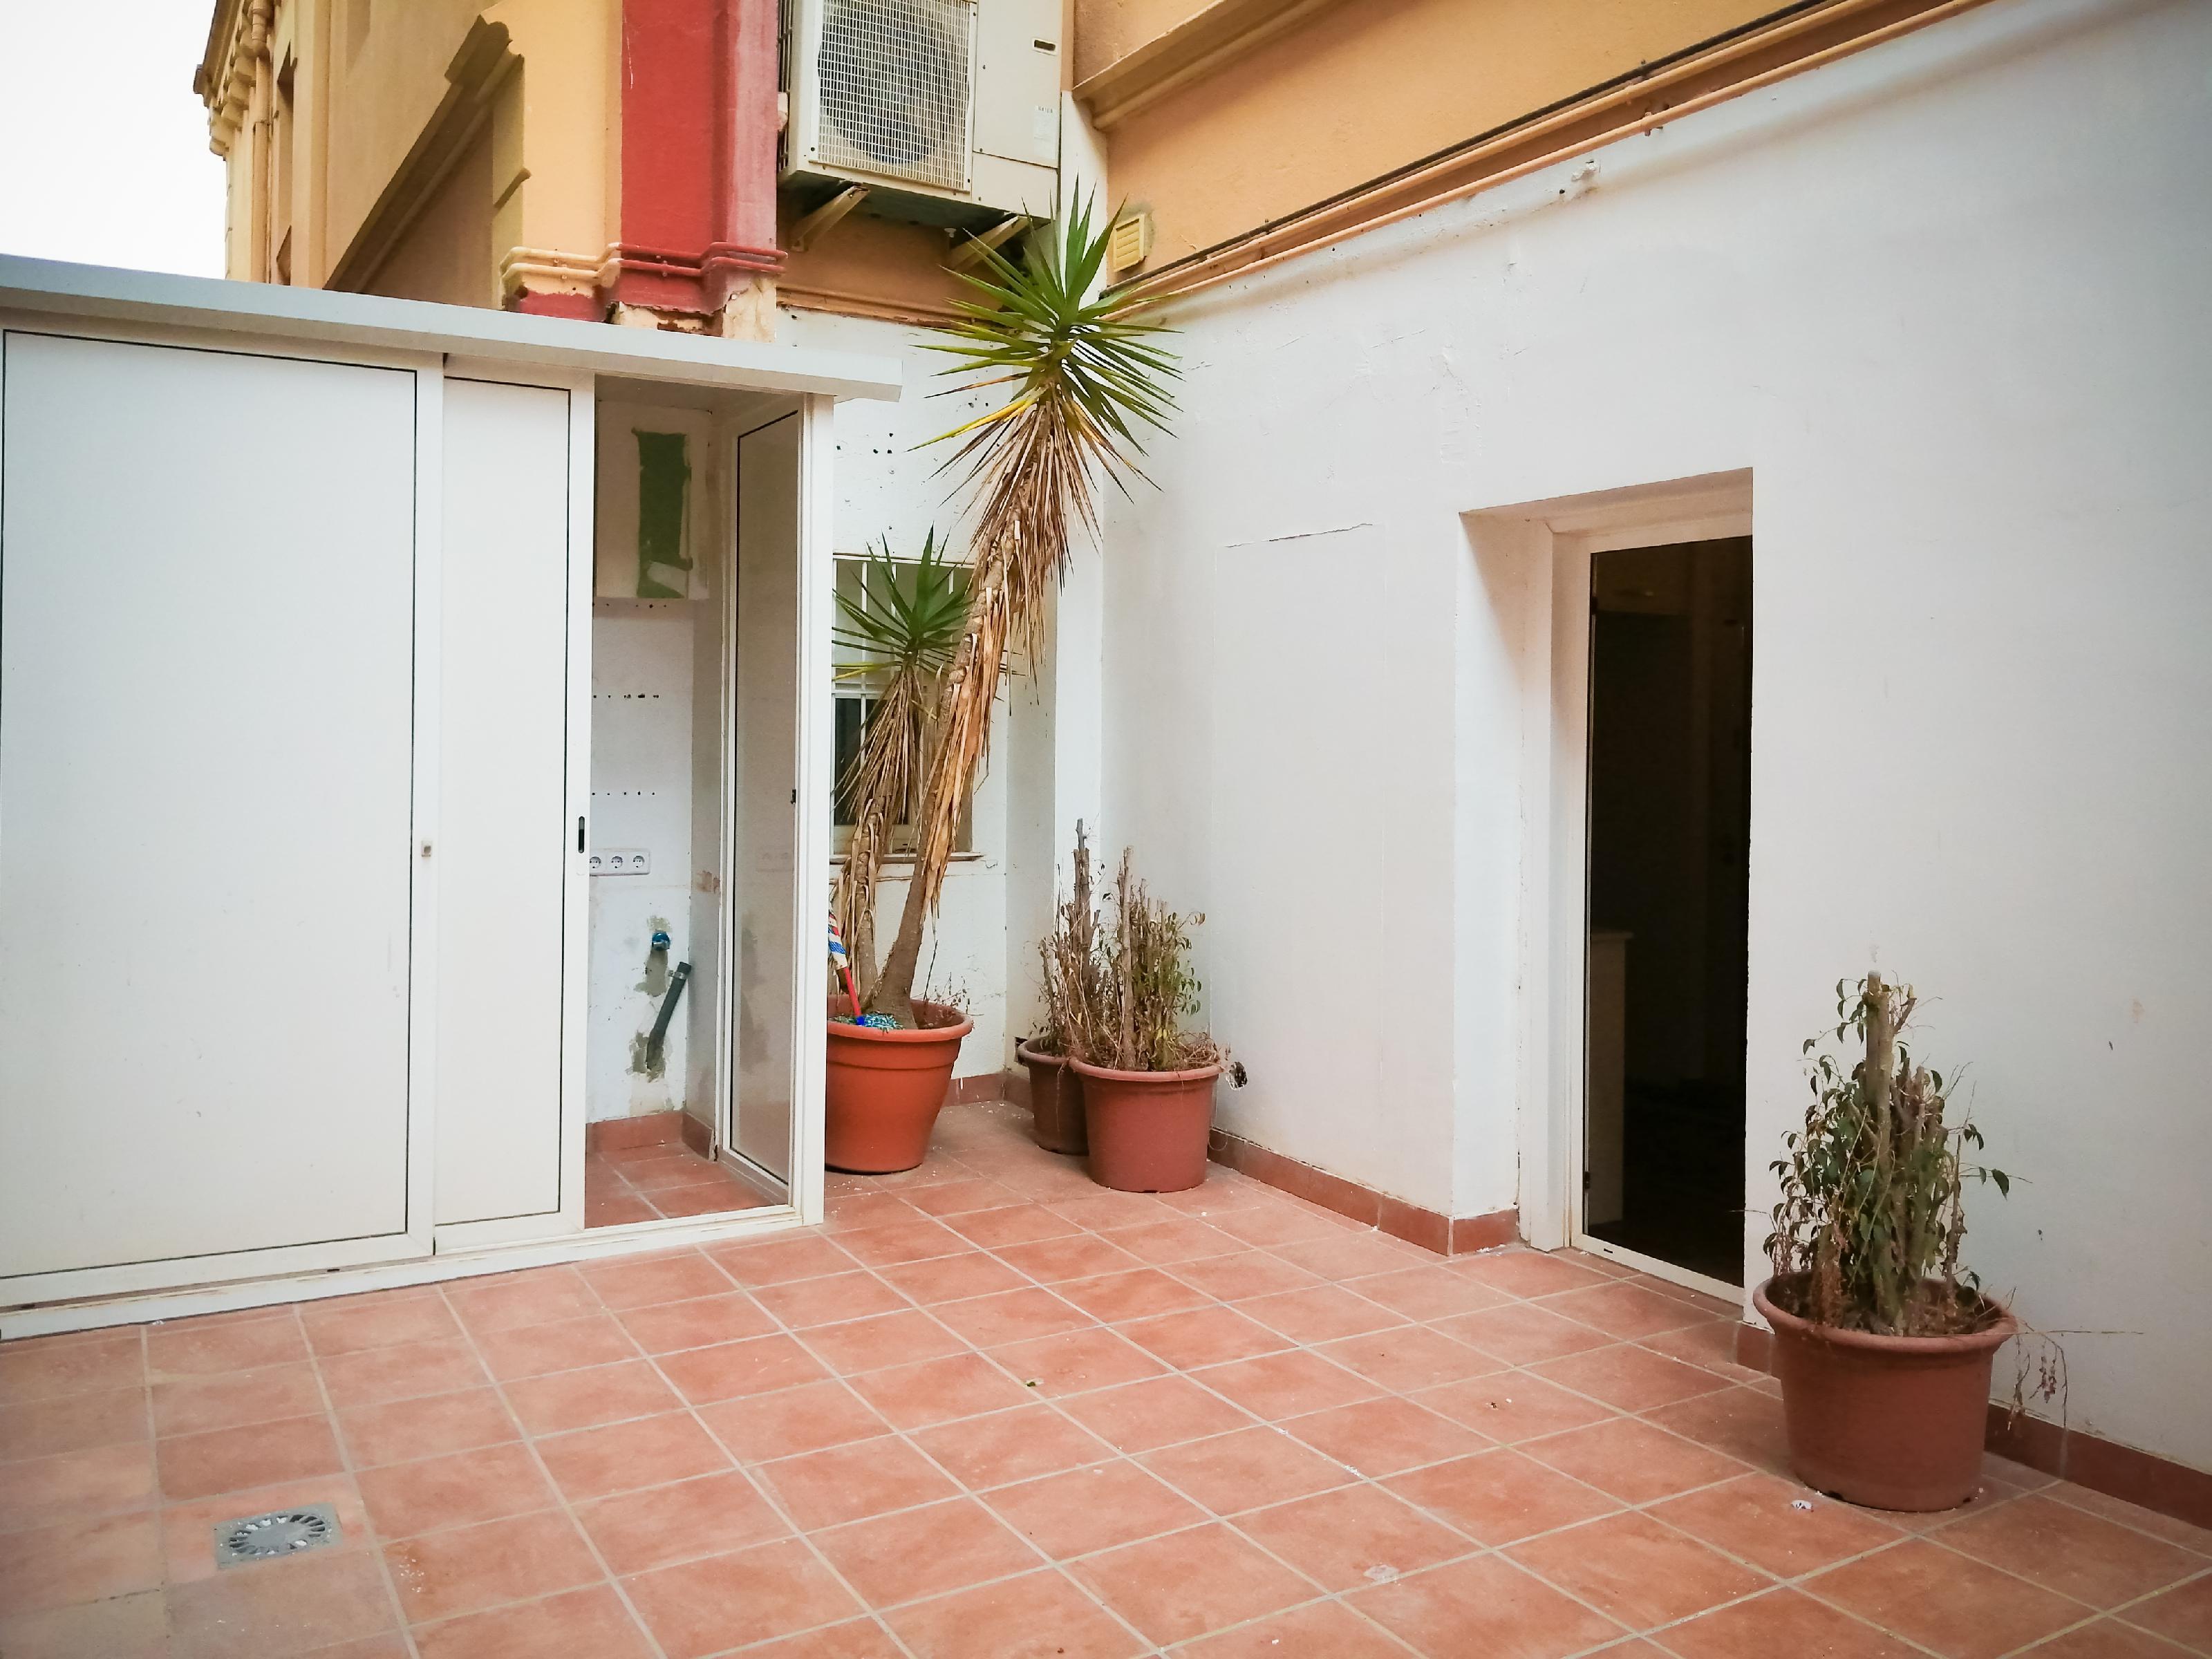 246065 Flat for sale in Sarrià-Sant Gervasi, Sarrià 18